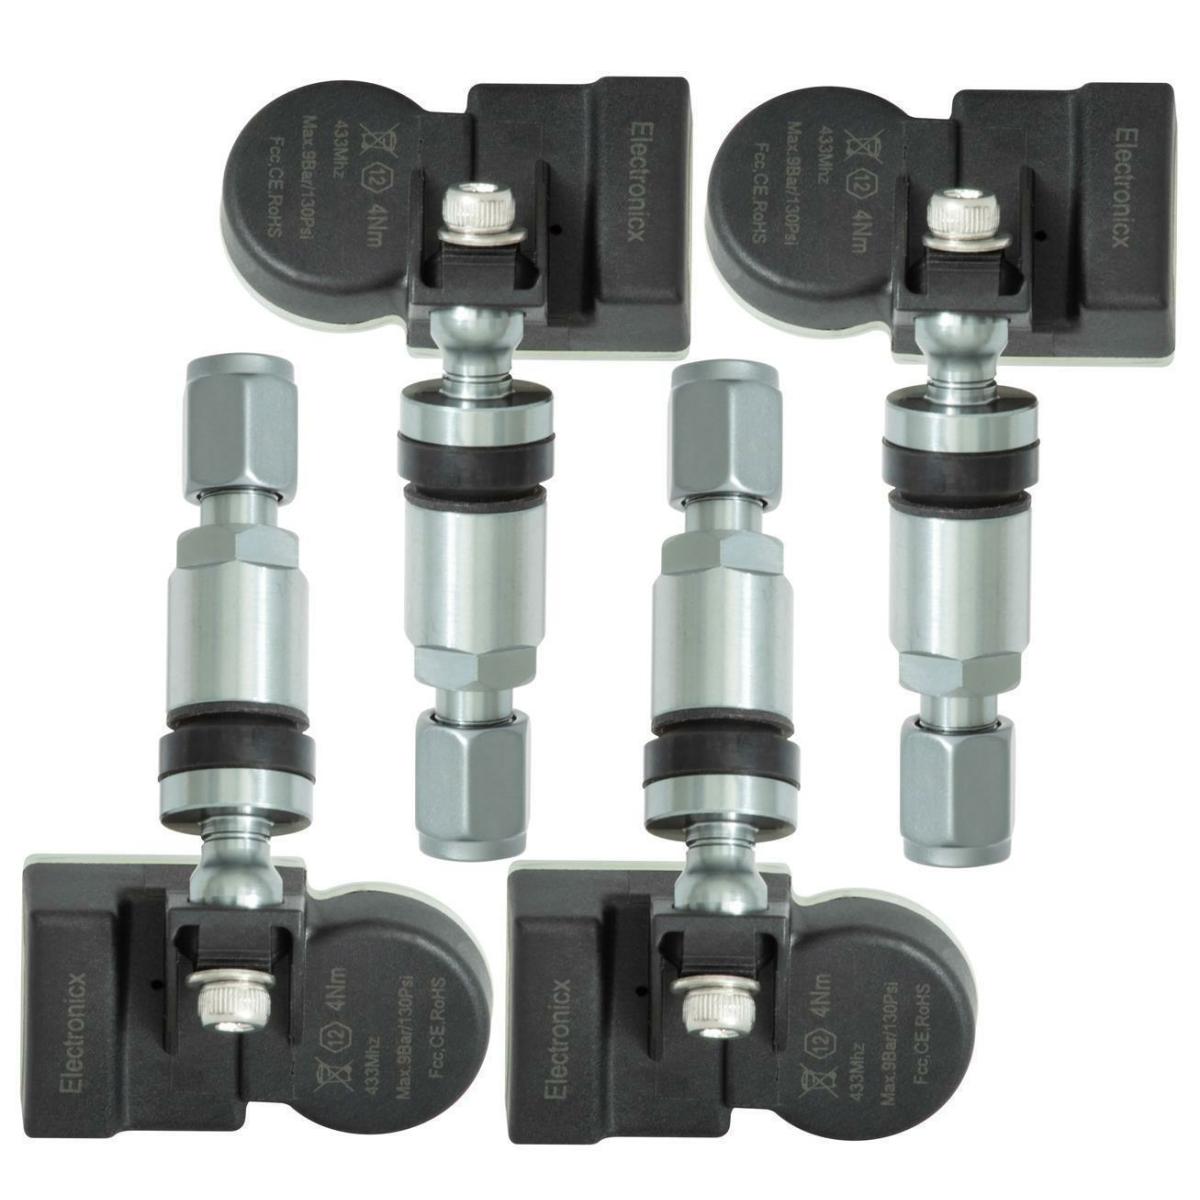 Reifendrucksensoren RDKS Sensoren Metallventil Gunmetal für Renault Modus 2004 - 2012